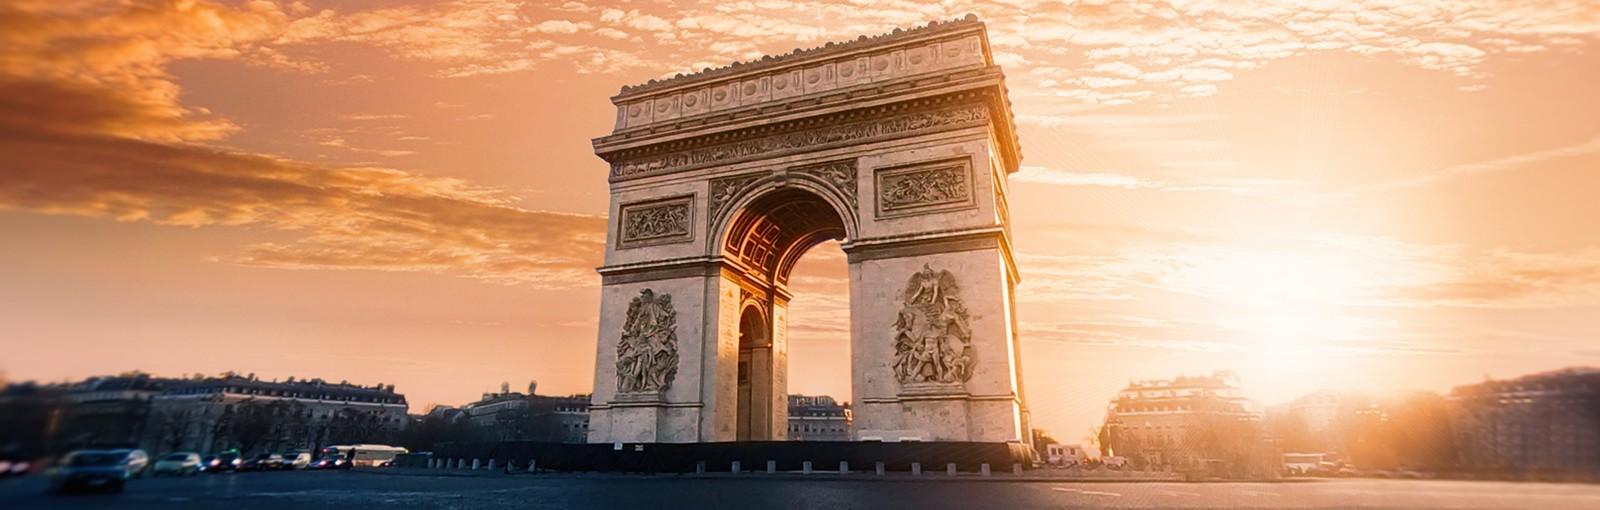 Tours Paris Getaway with 2 hotel nights - Paris Packages - Paris Tours